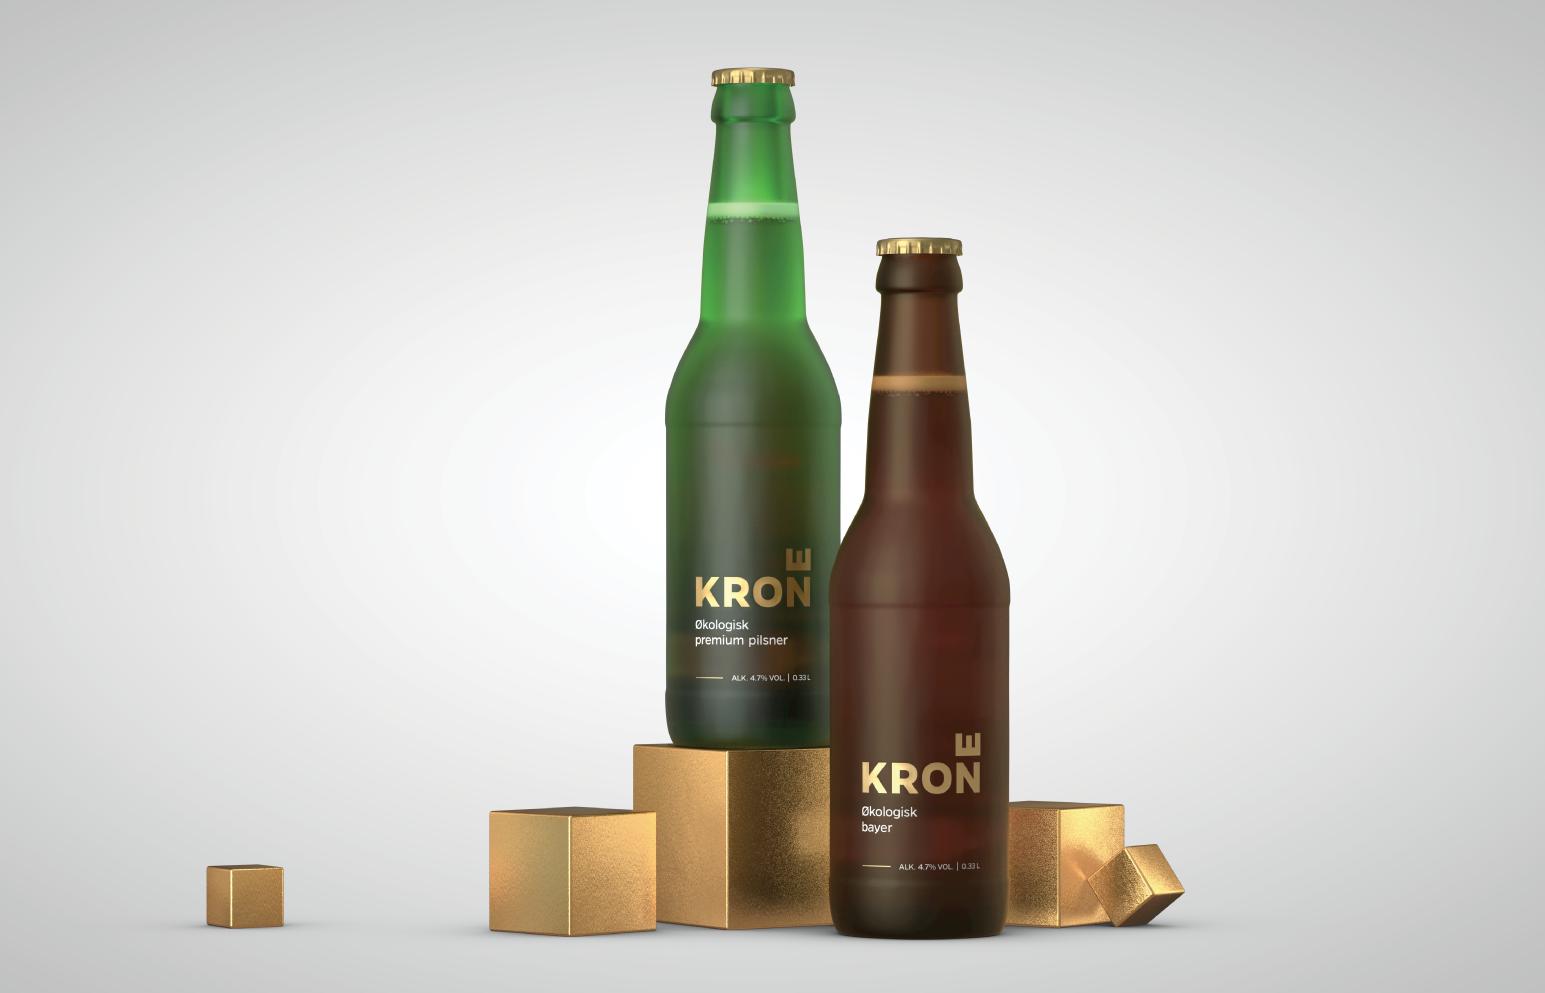 Kron beer bottle design